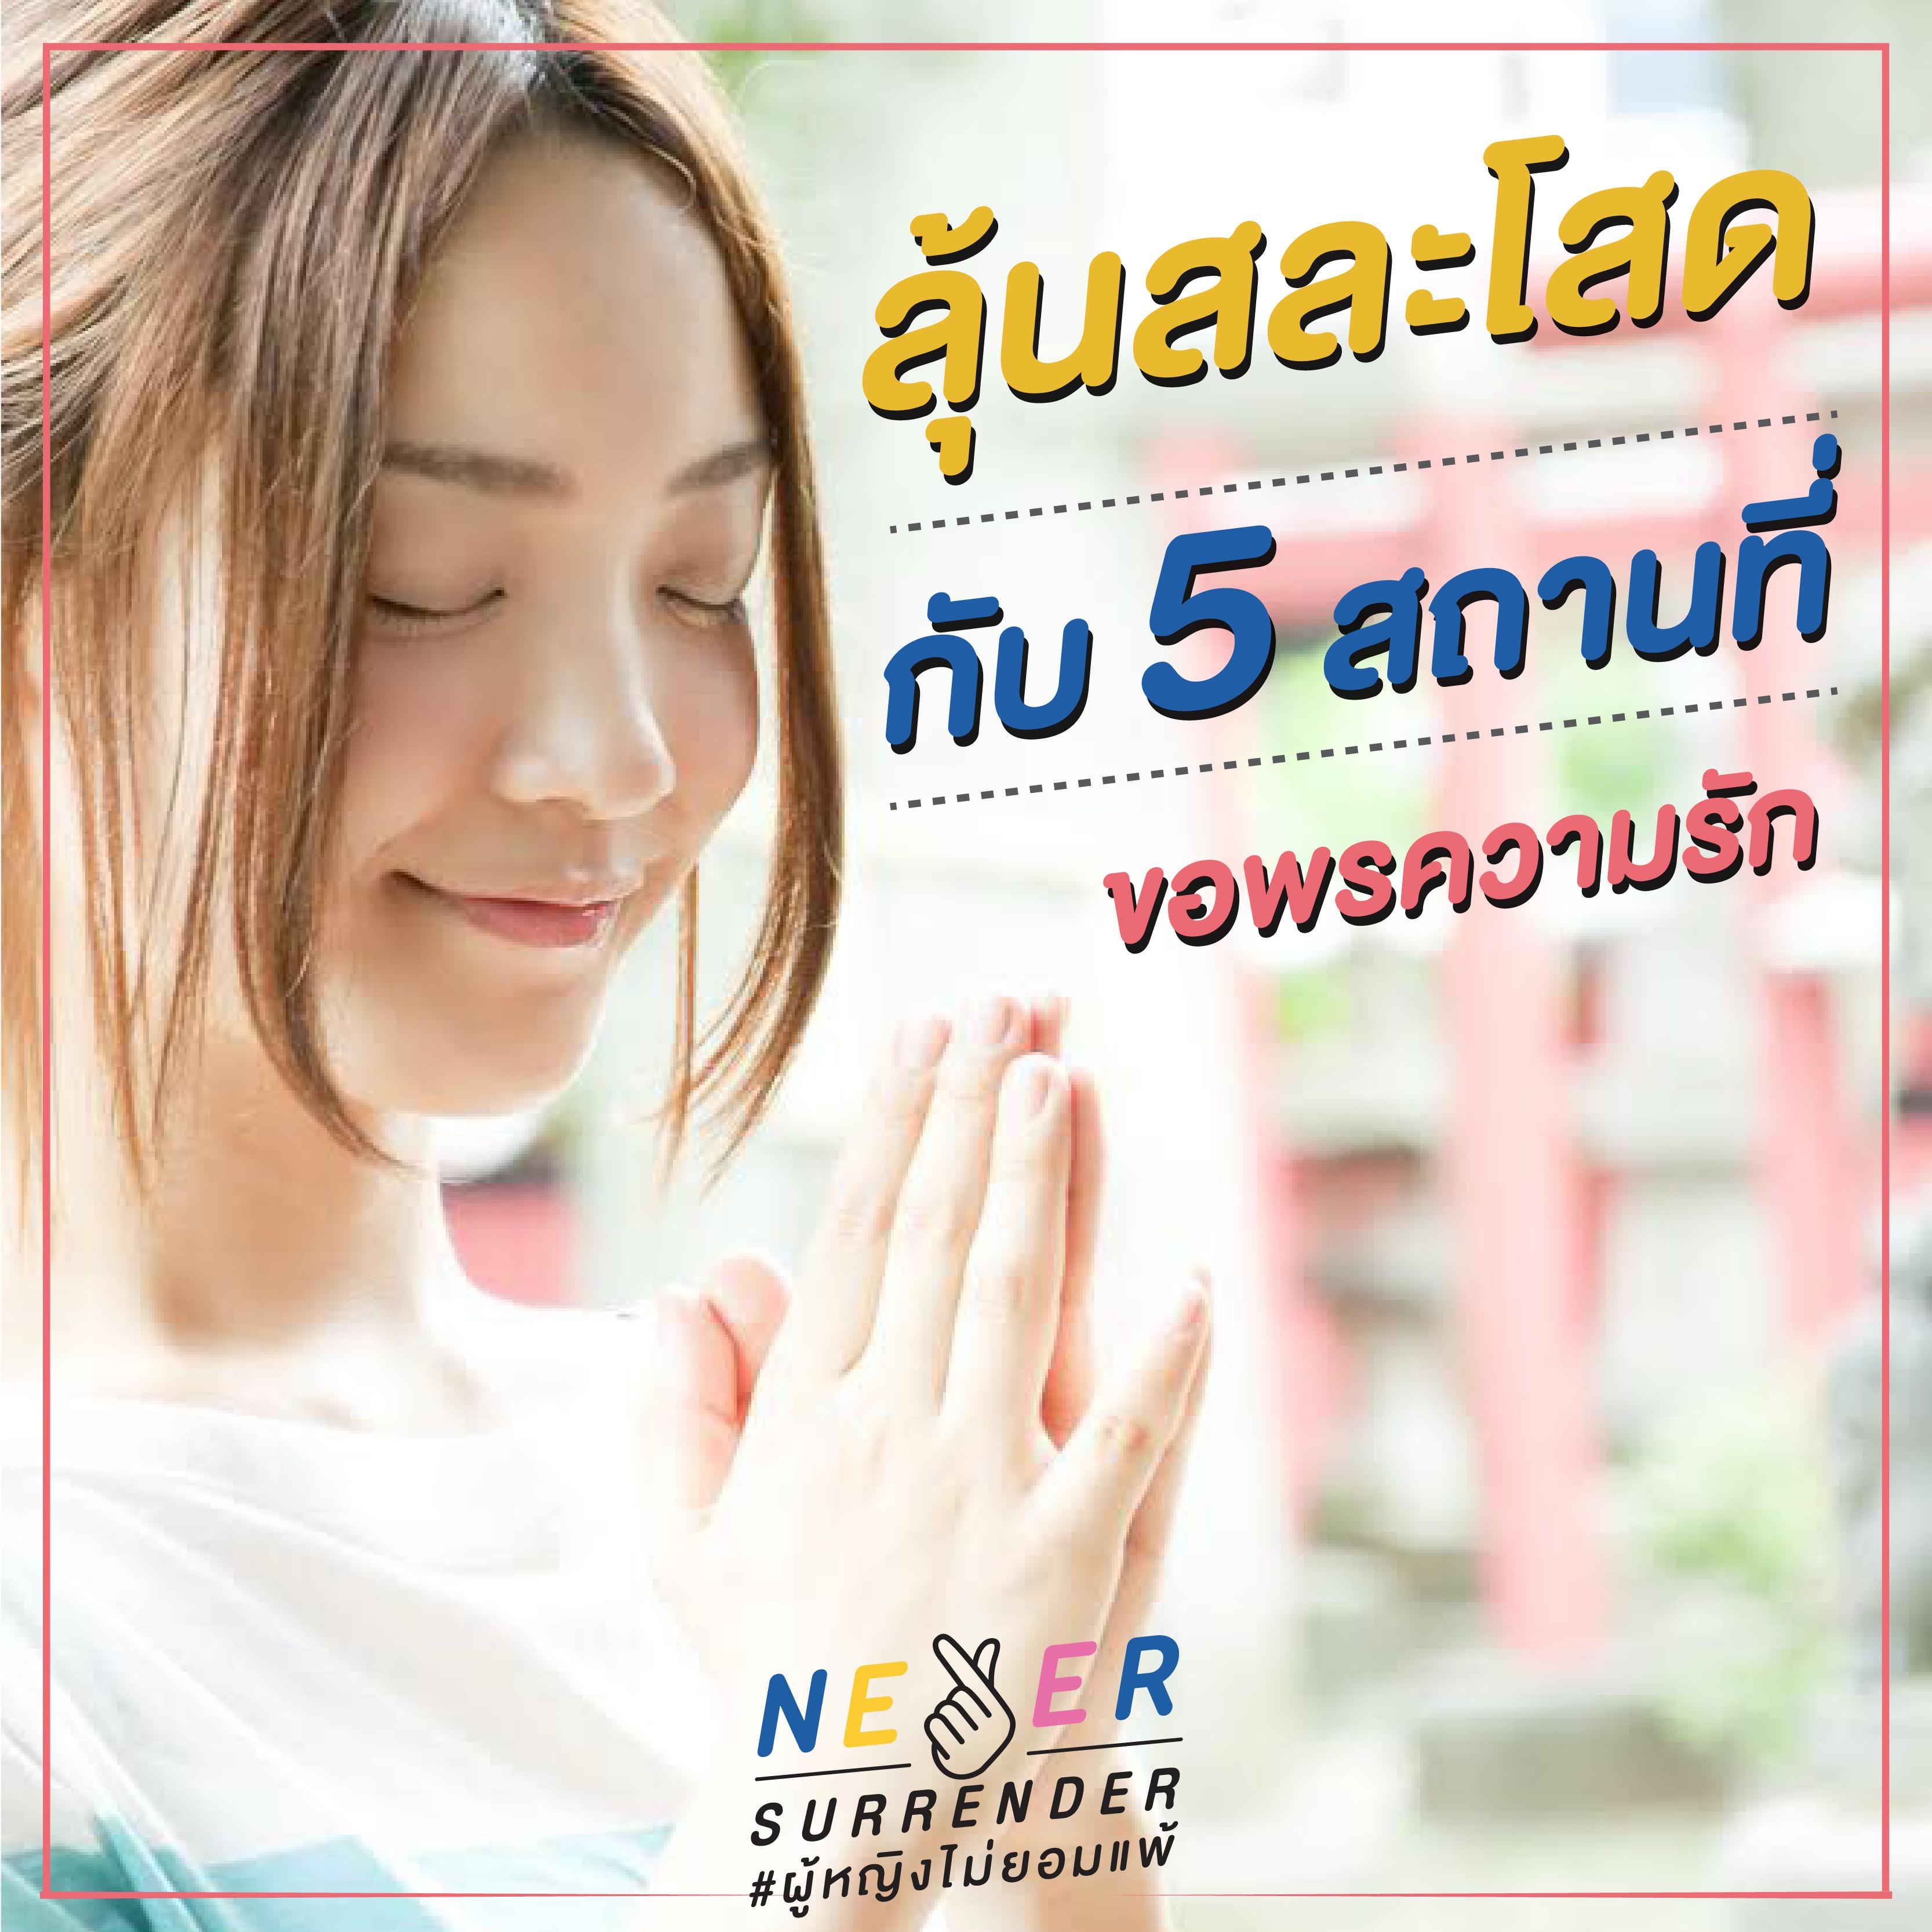 ์Never Surrender Thailand_สาวโสดมีลุ้น กับ 5 สถานที่ขอพรเรื่องความรัก